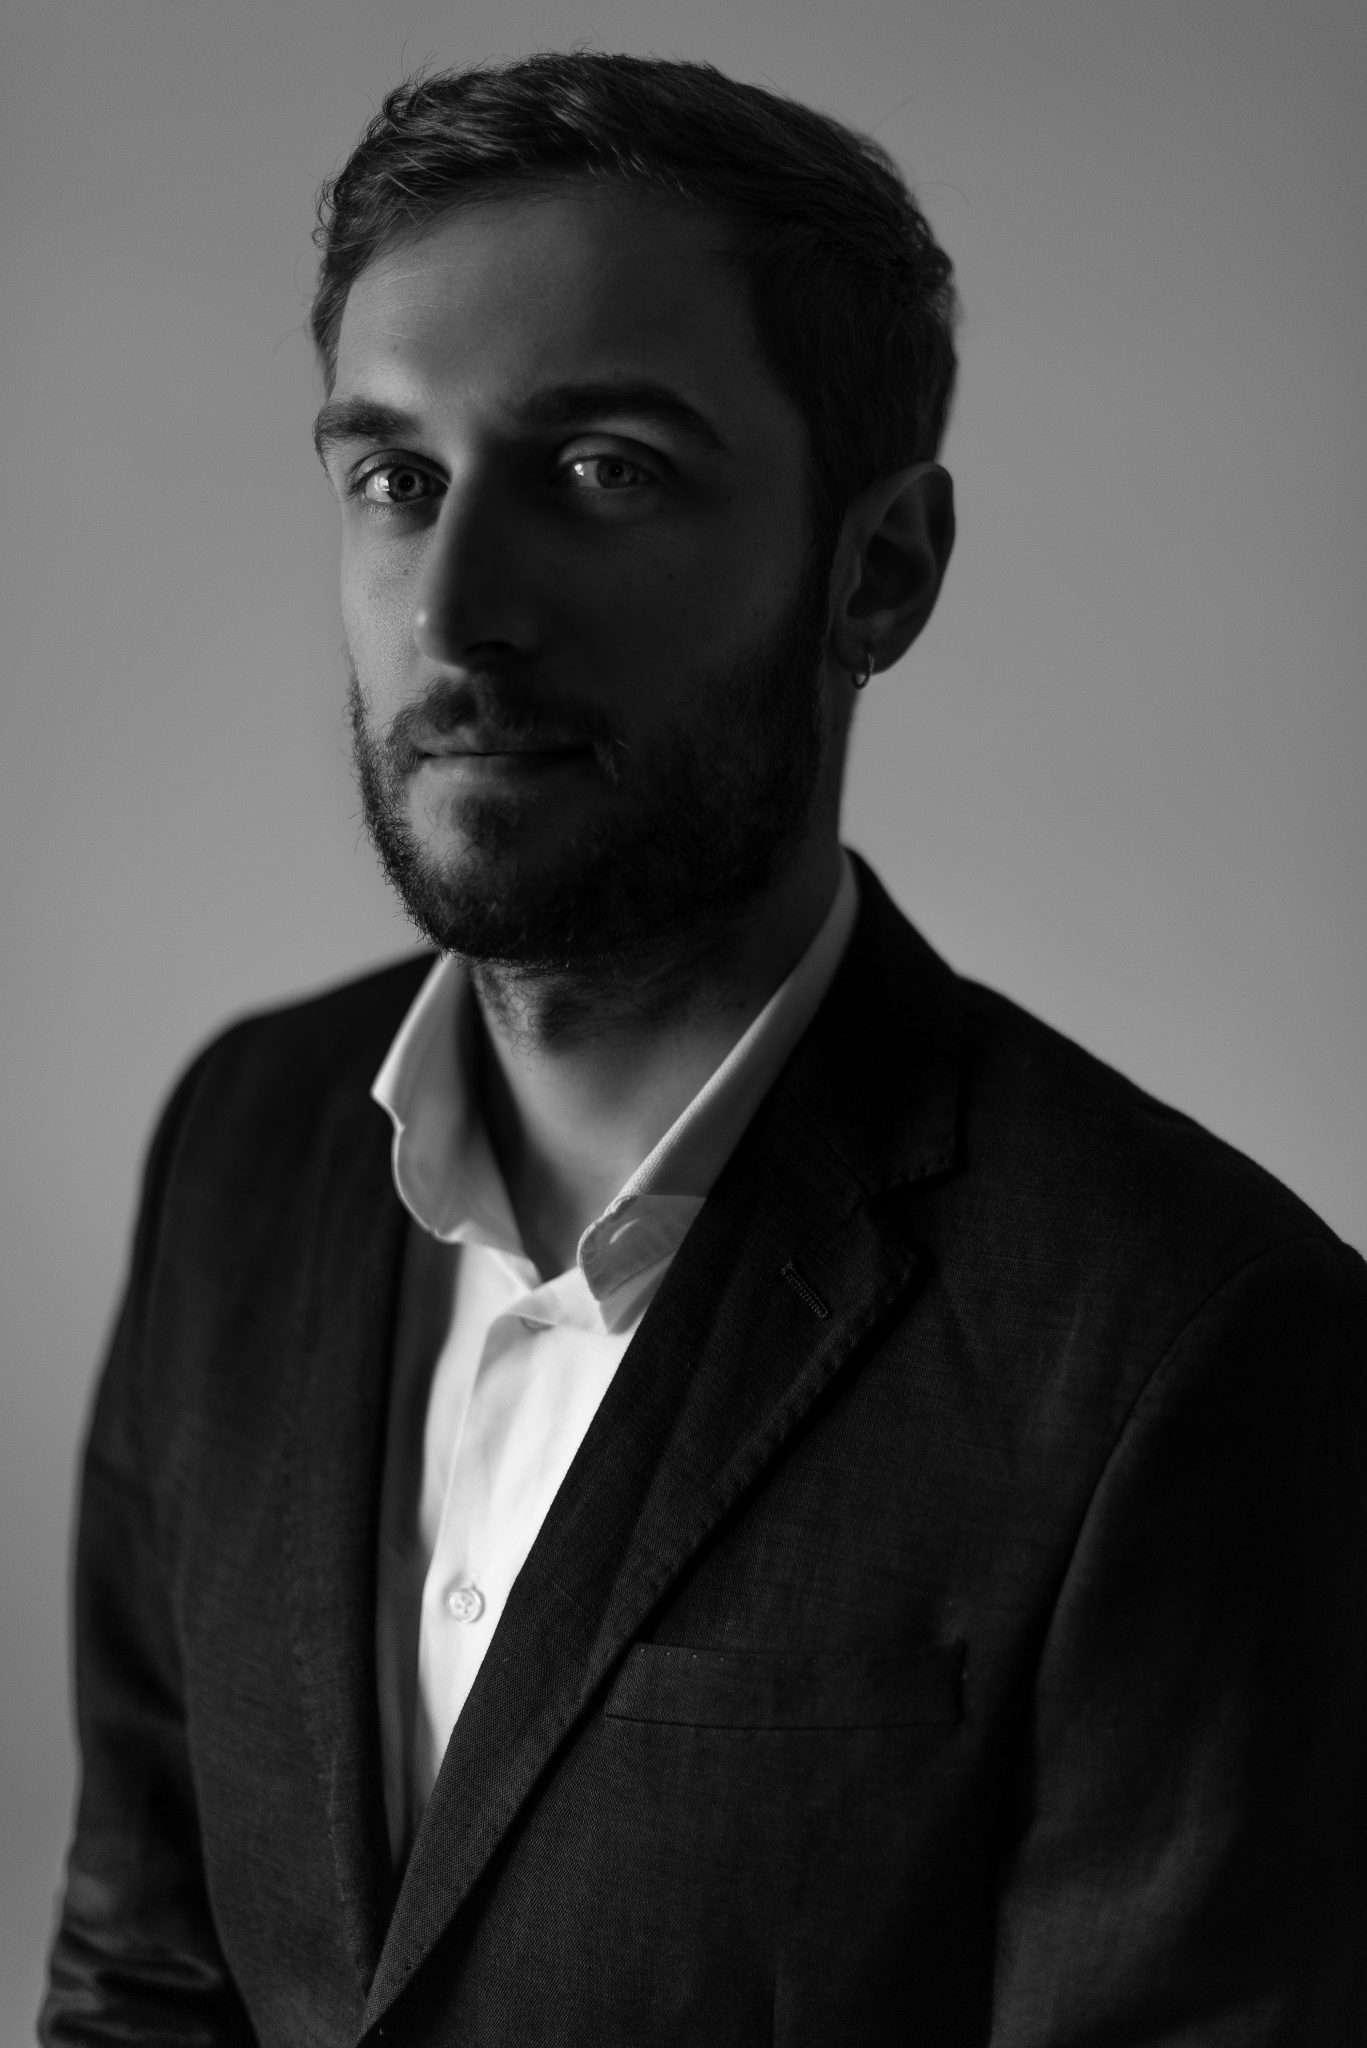 Fotografia ritratto Raffaele mandolinista realizzata da Barbara Trincone fotografa professionista a Napoli specializzata in fotografia musicale, ritratti per artisti, band, attori, cantanti, musicisti